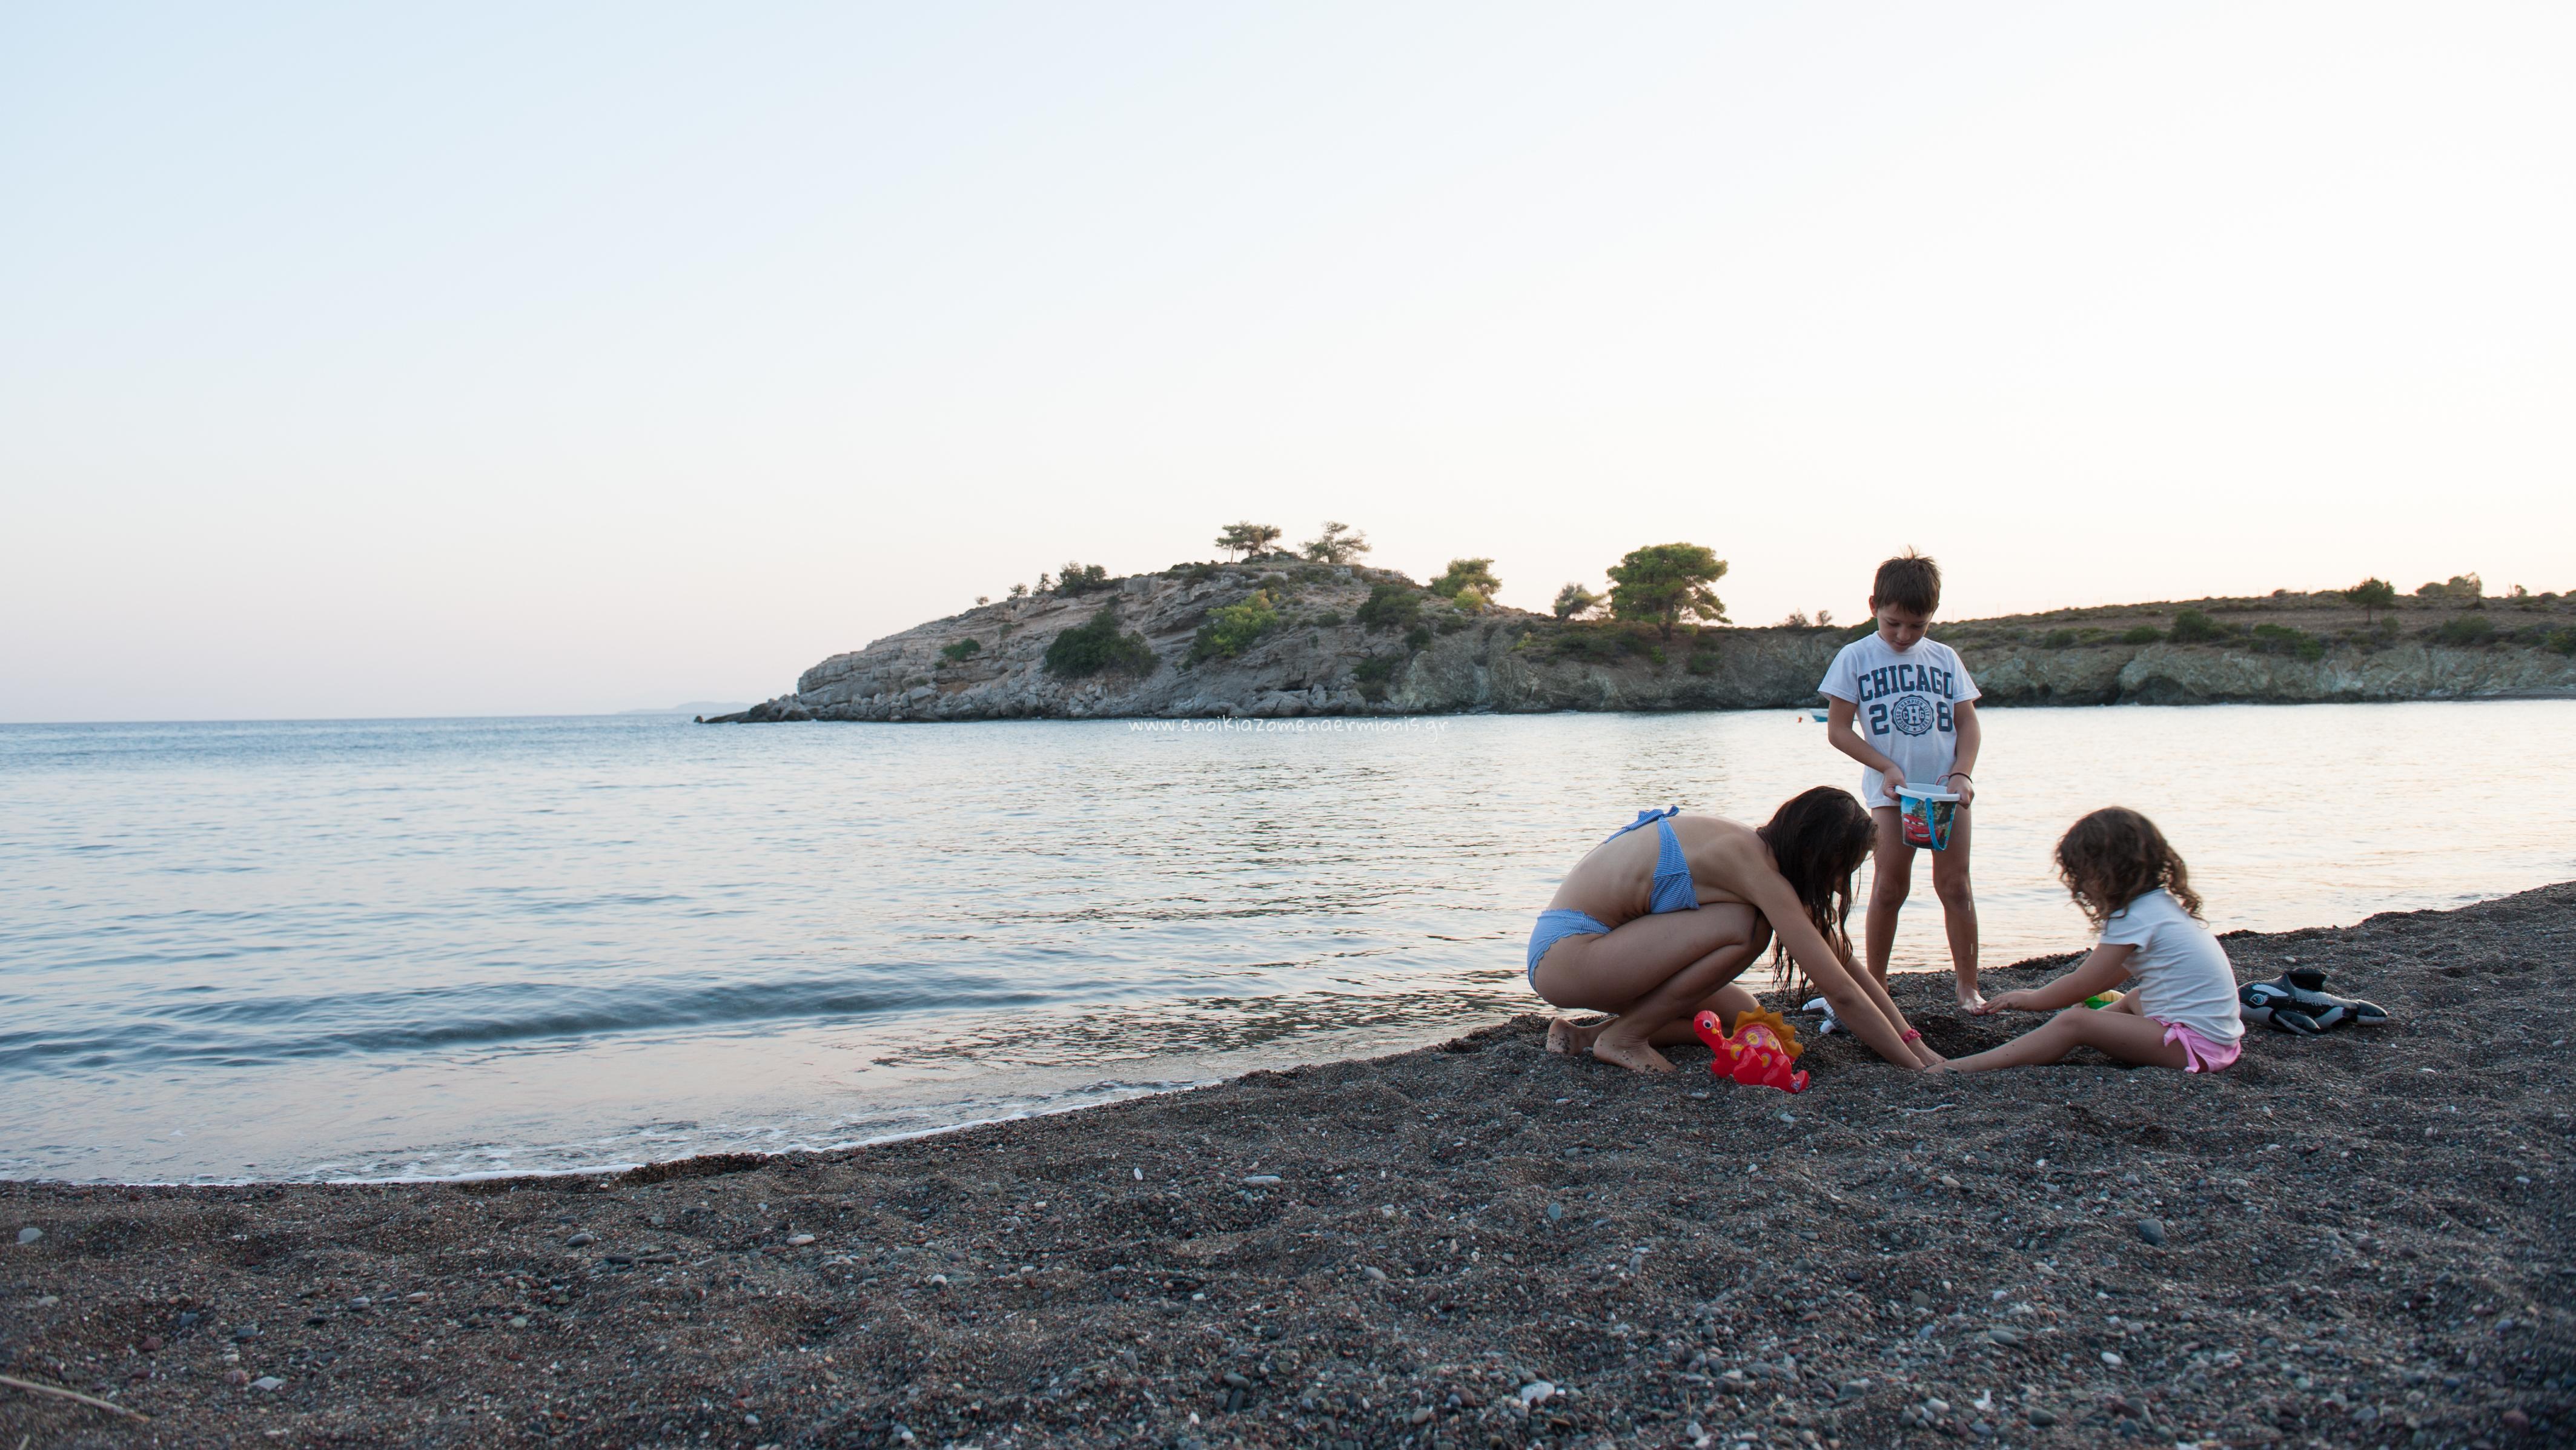 Μάνα & τα παιδιά της παίζουν με κουβαδάκια στην αμμουδιά